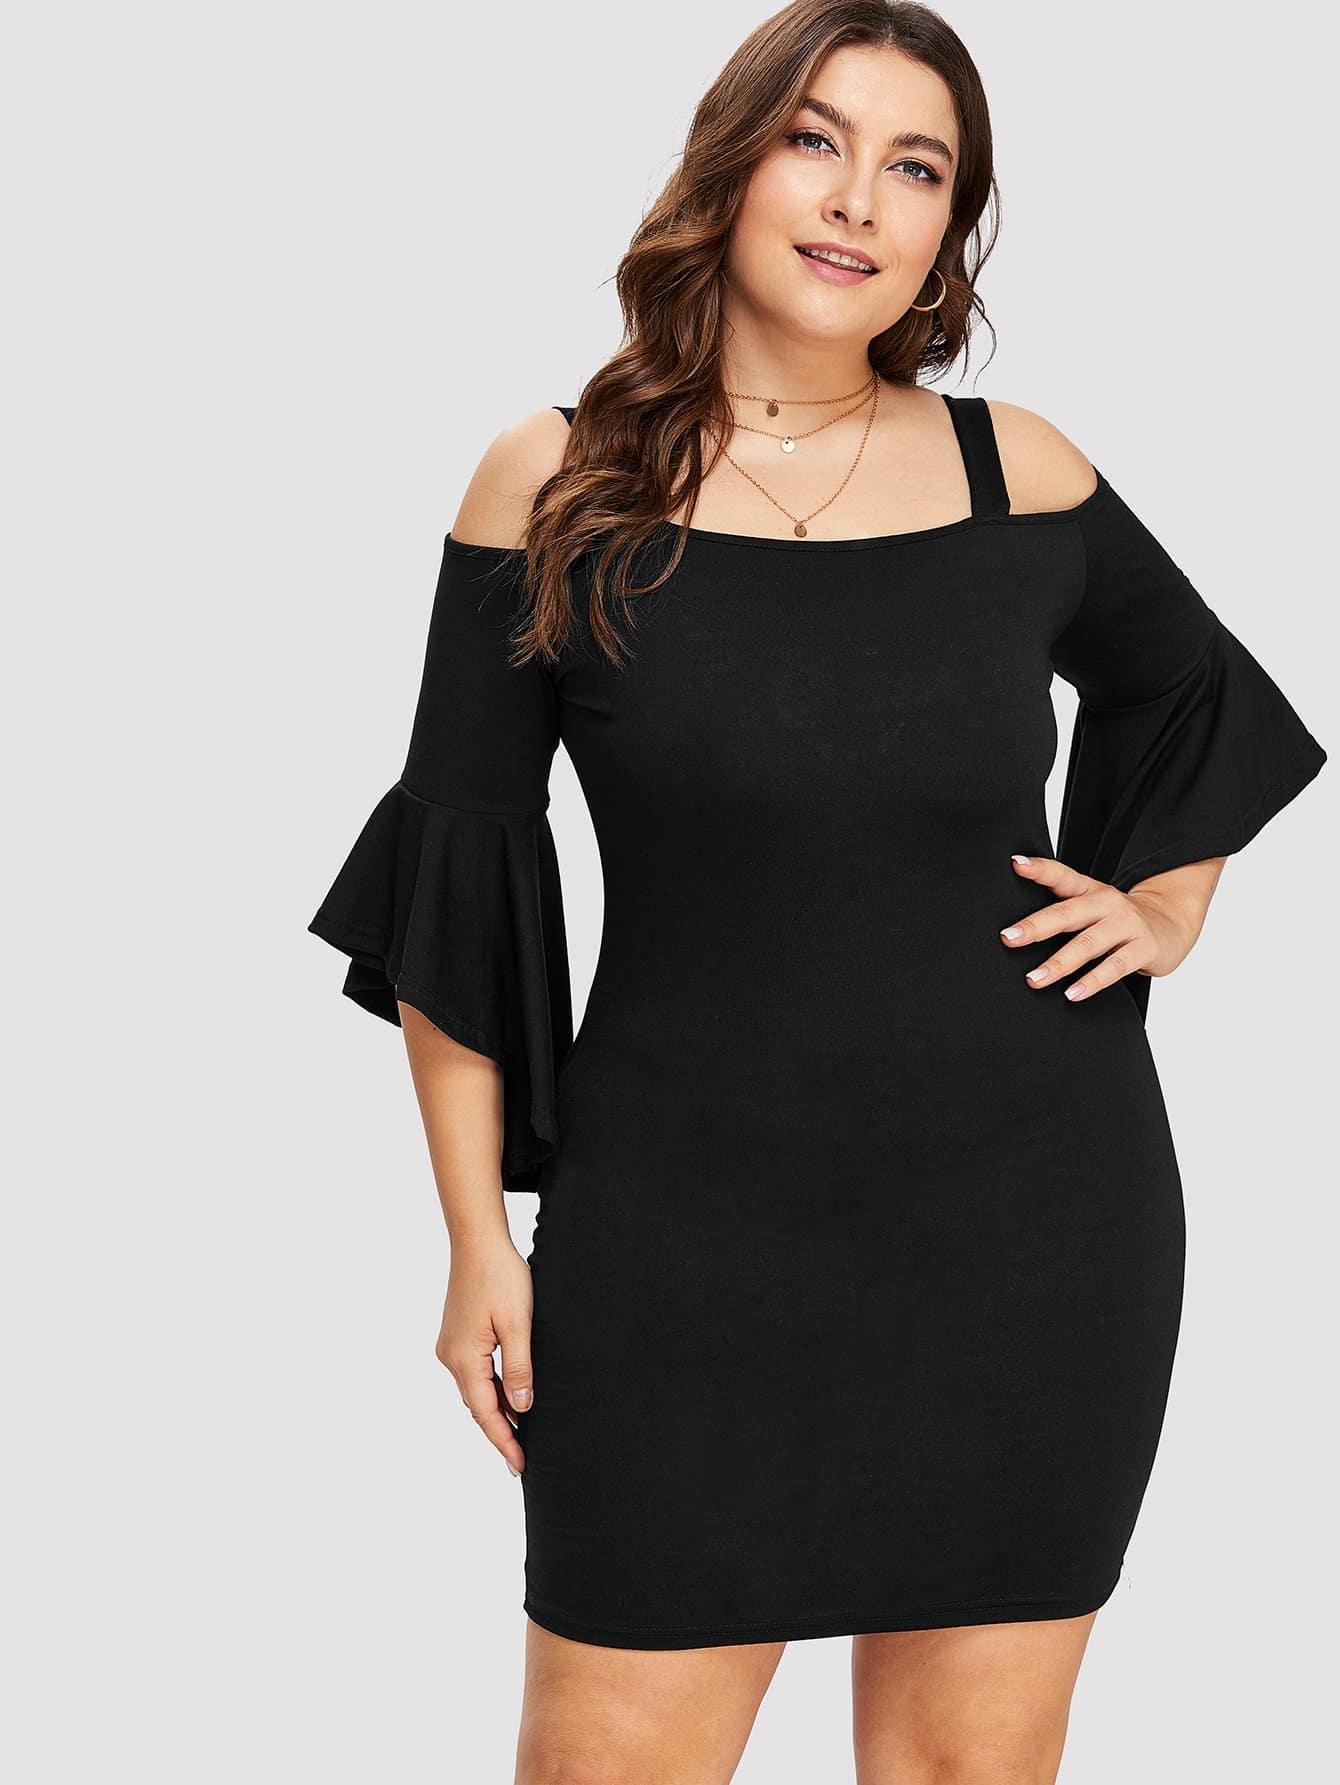 Купить Платье с широкими рукавами и открытыми плечами, Franziska, SheIn